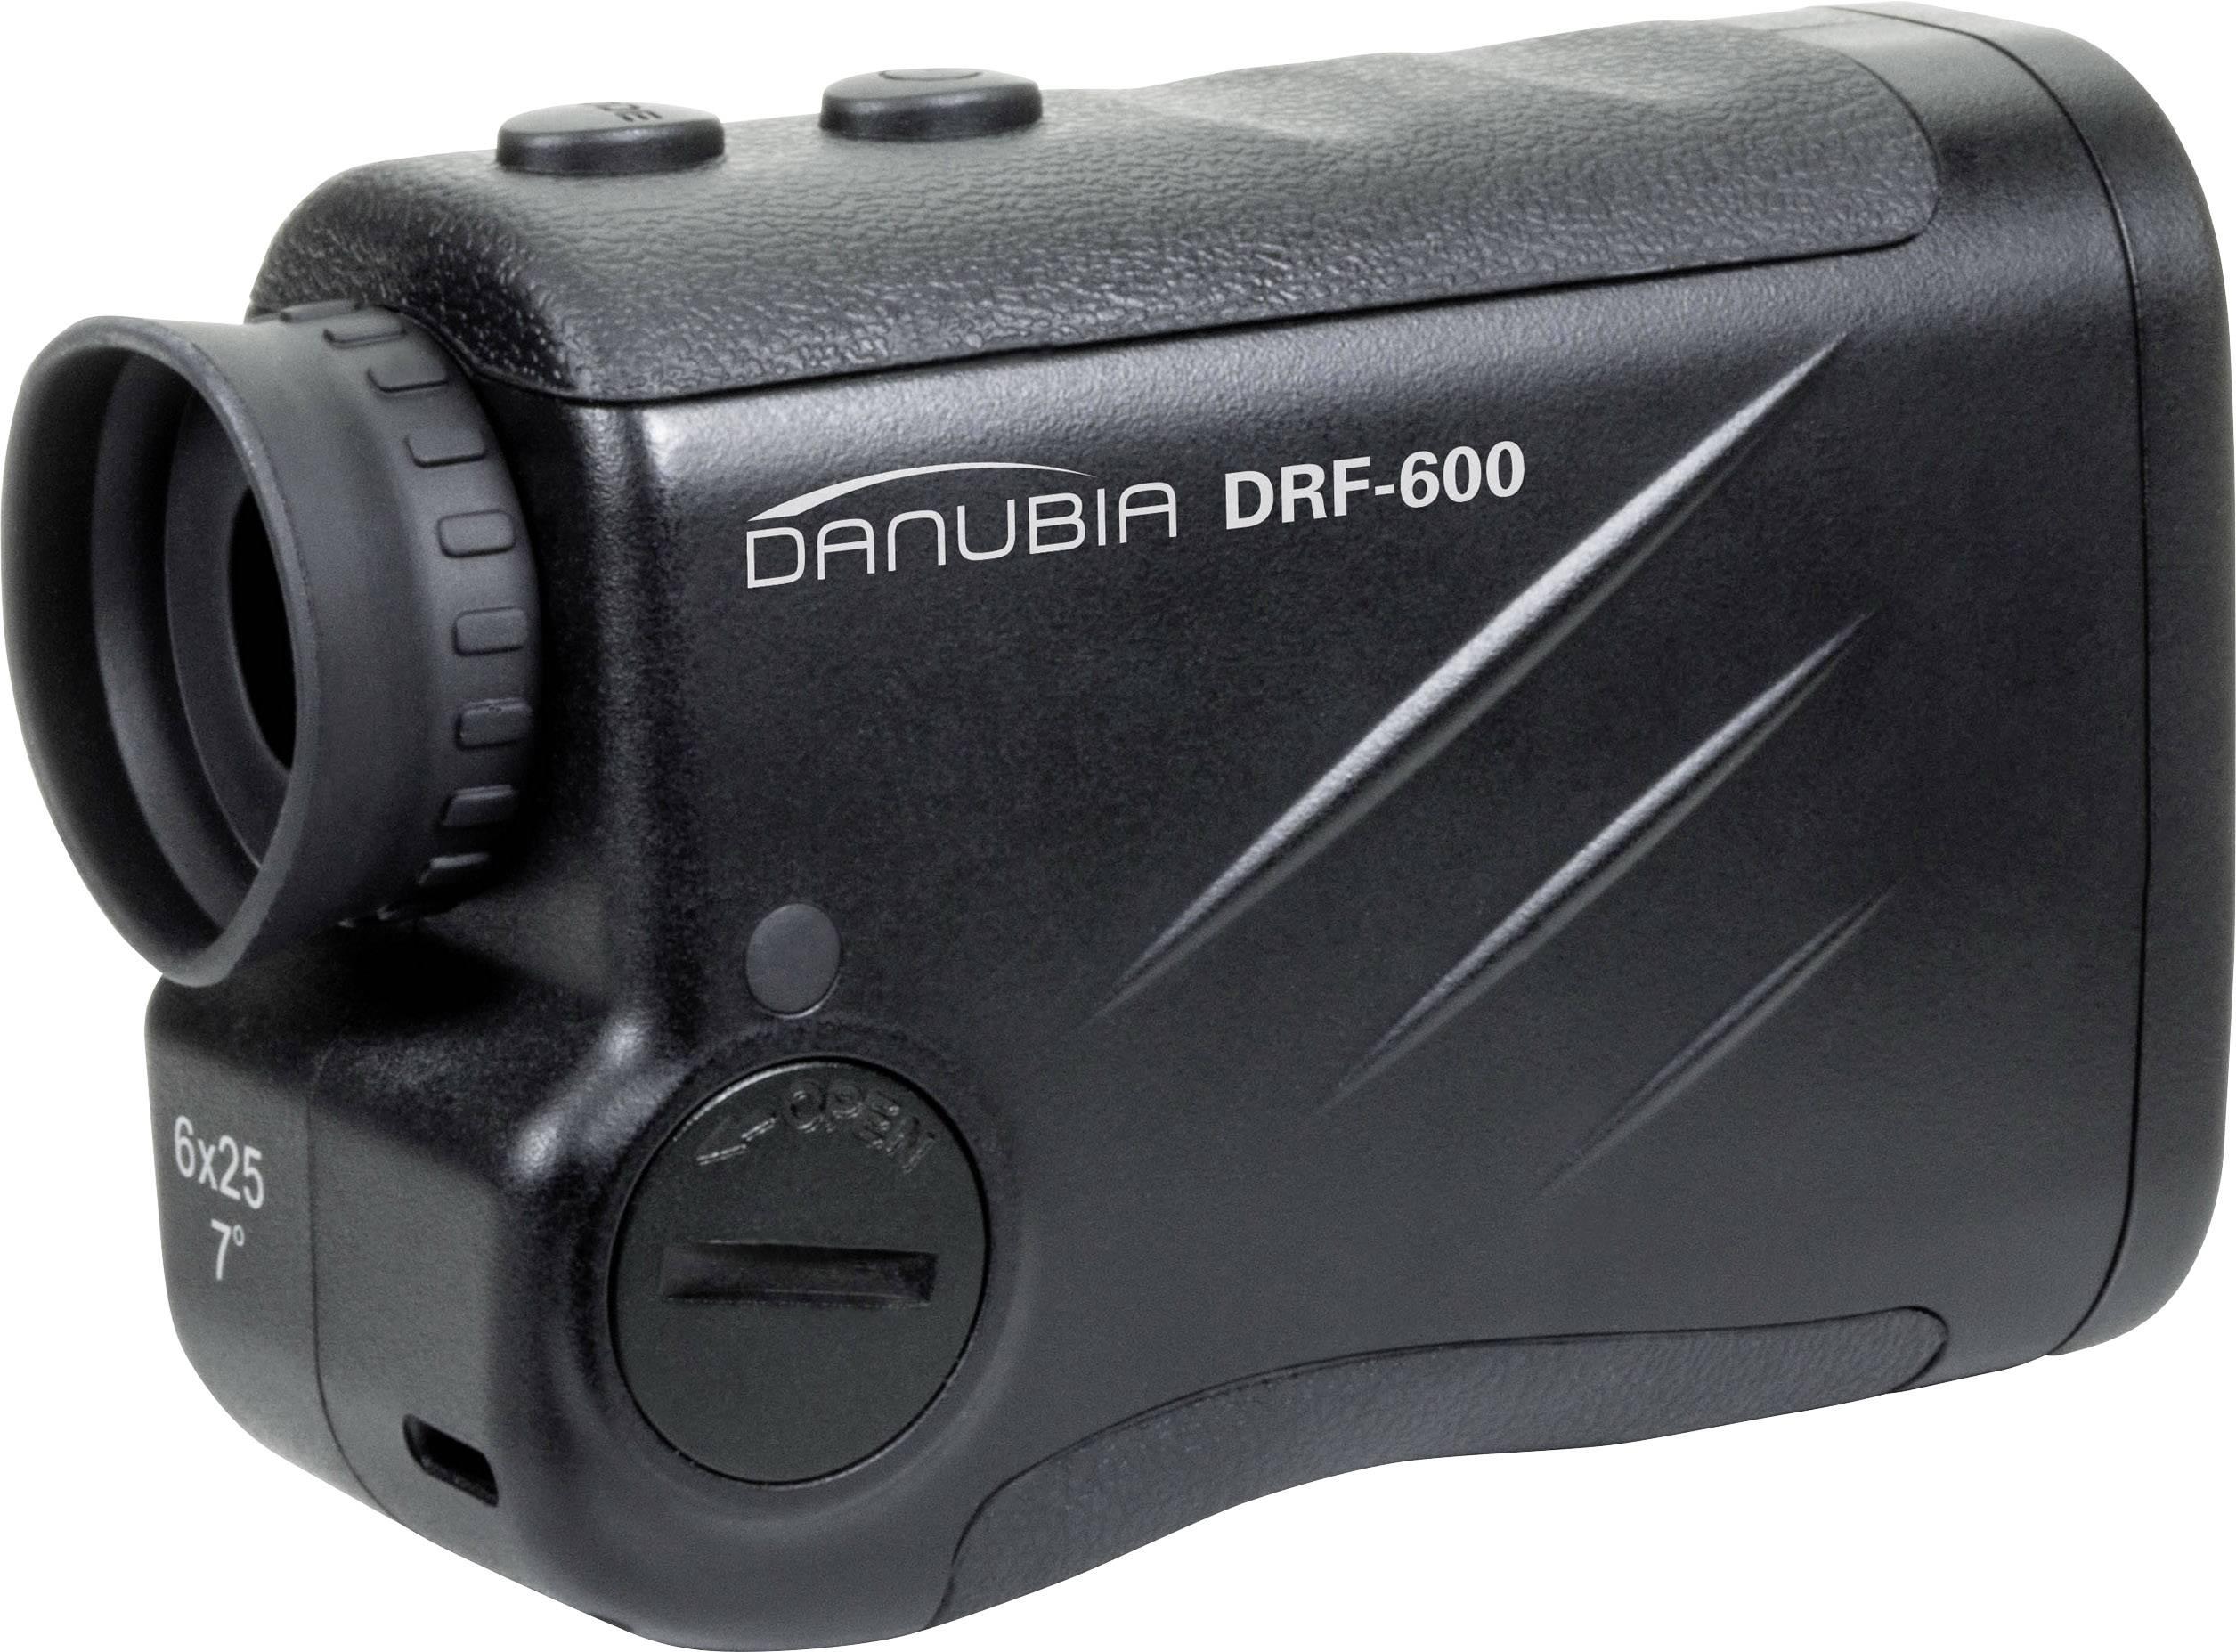 Entfernungsmesser Golf Laser Rangefinder Für Jagd Weiss 600 Meter : Entfernungsmesser danubia rangefinder drf mm reichweite